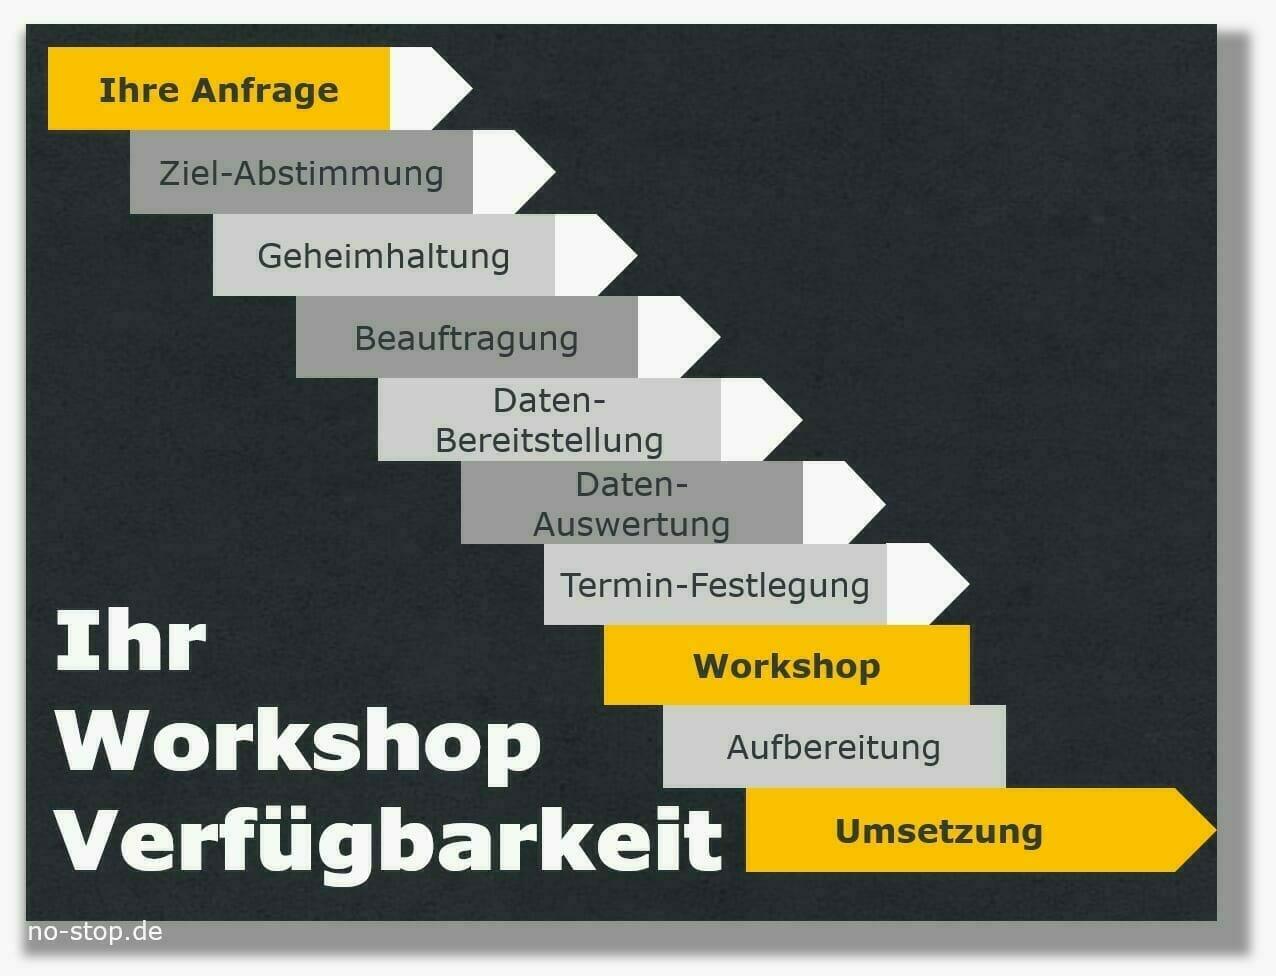 Ablauf für Workshop Ersatzteile-Verfügbarkeit